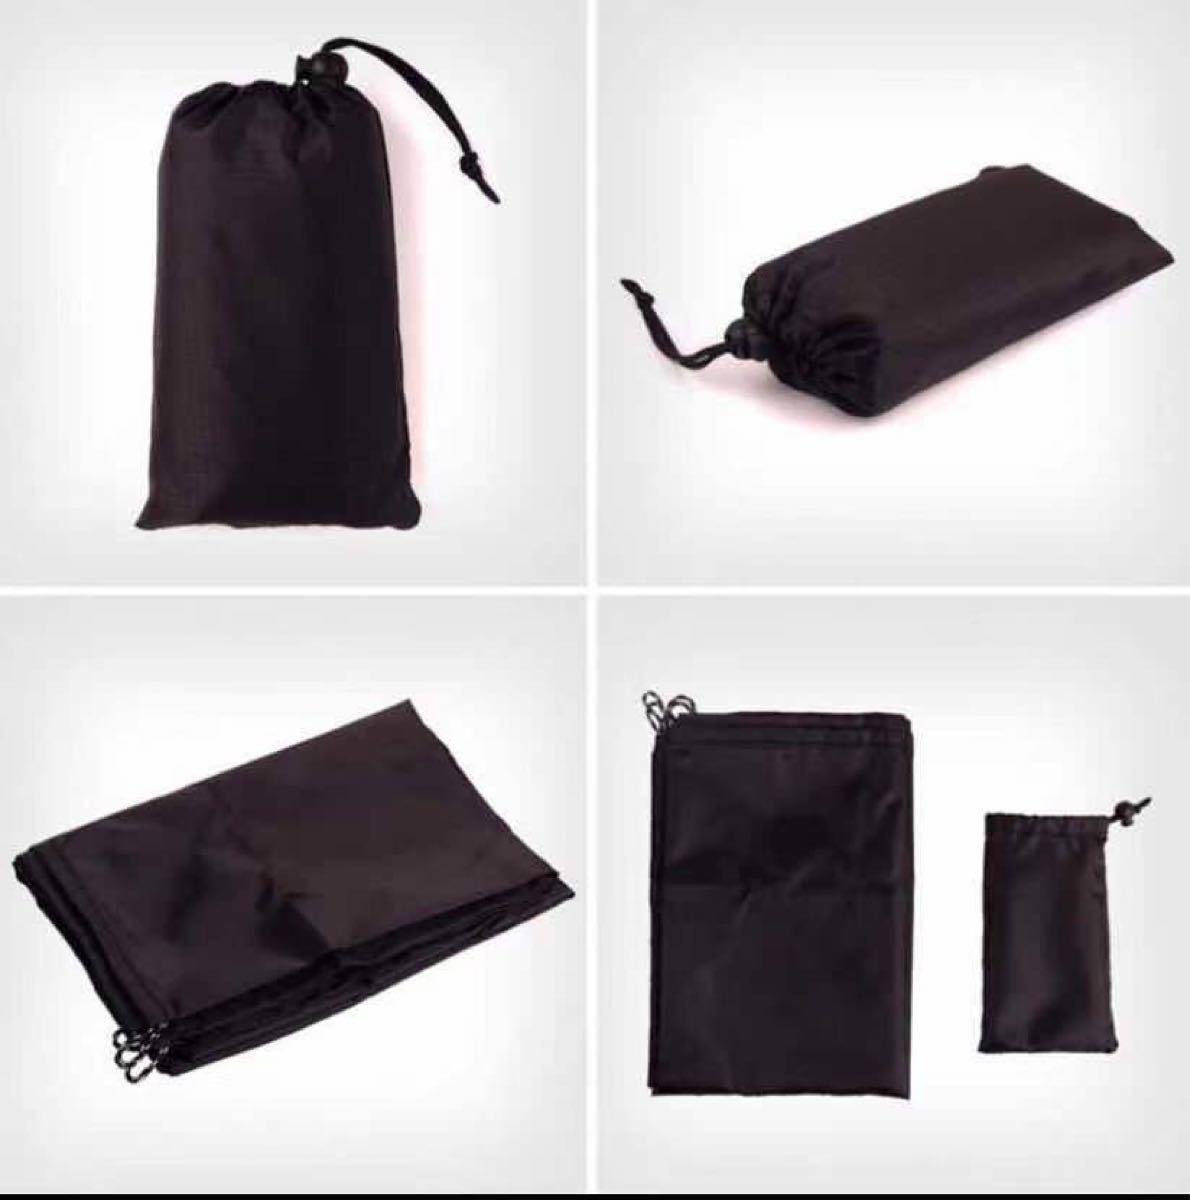 レジャーシート 超軽量 テントシート 黒